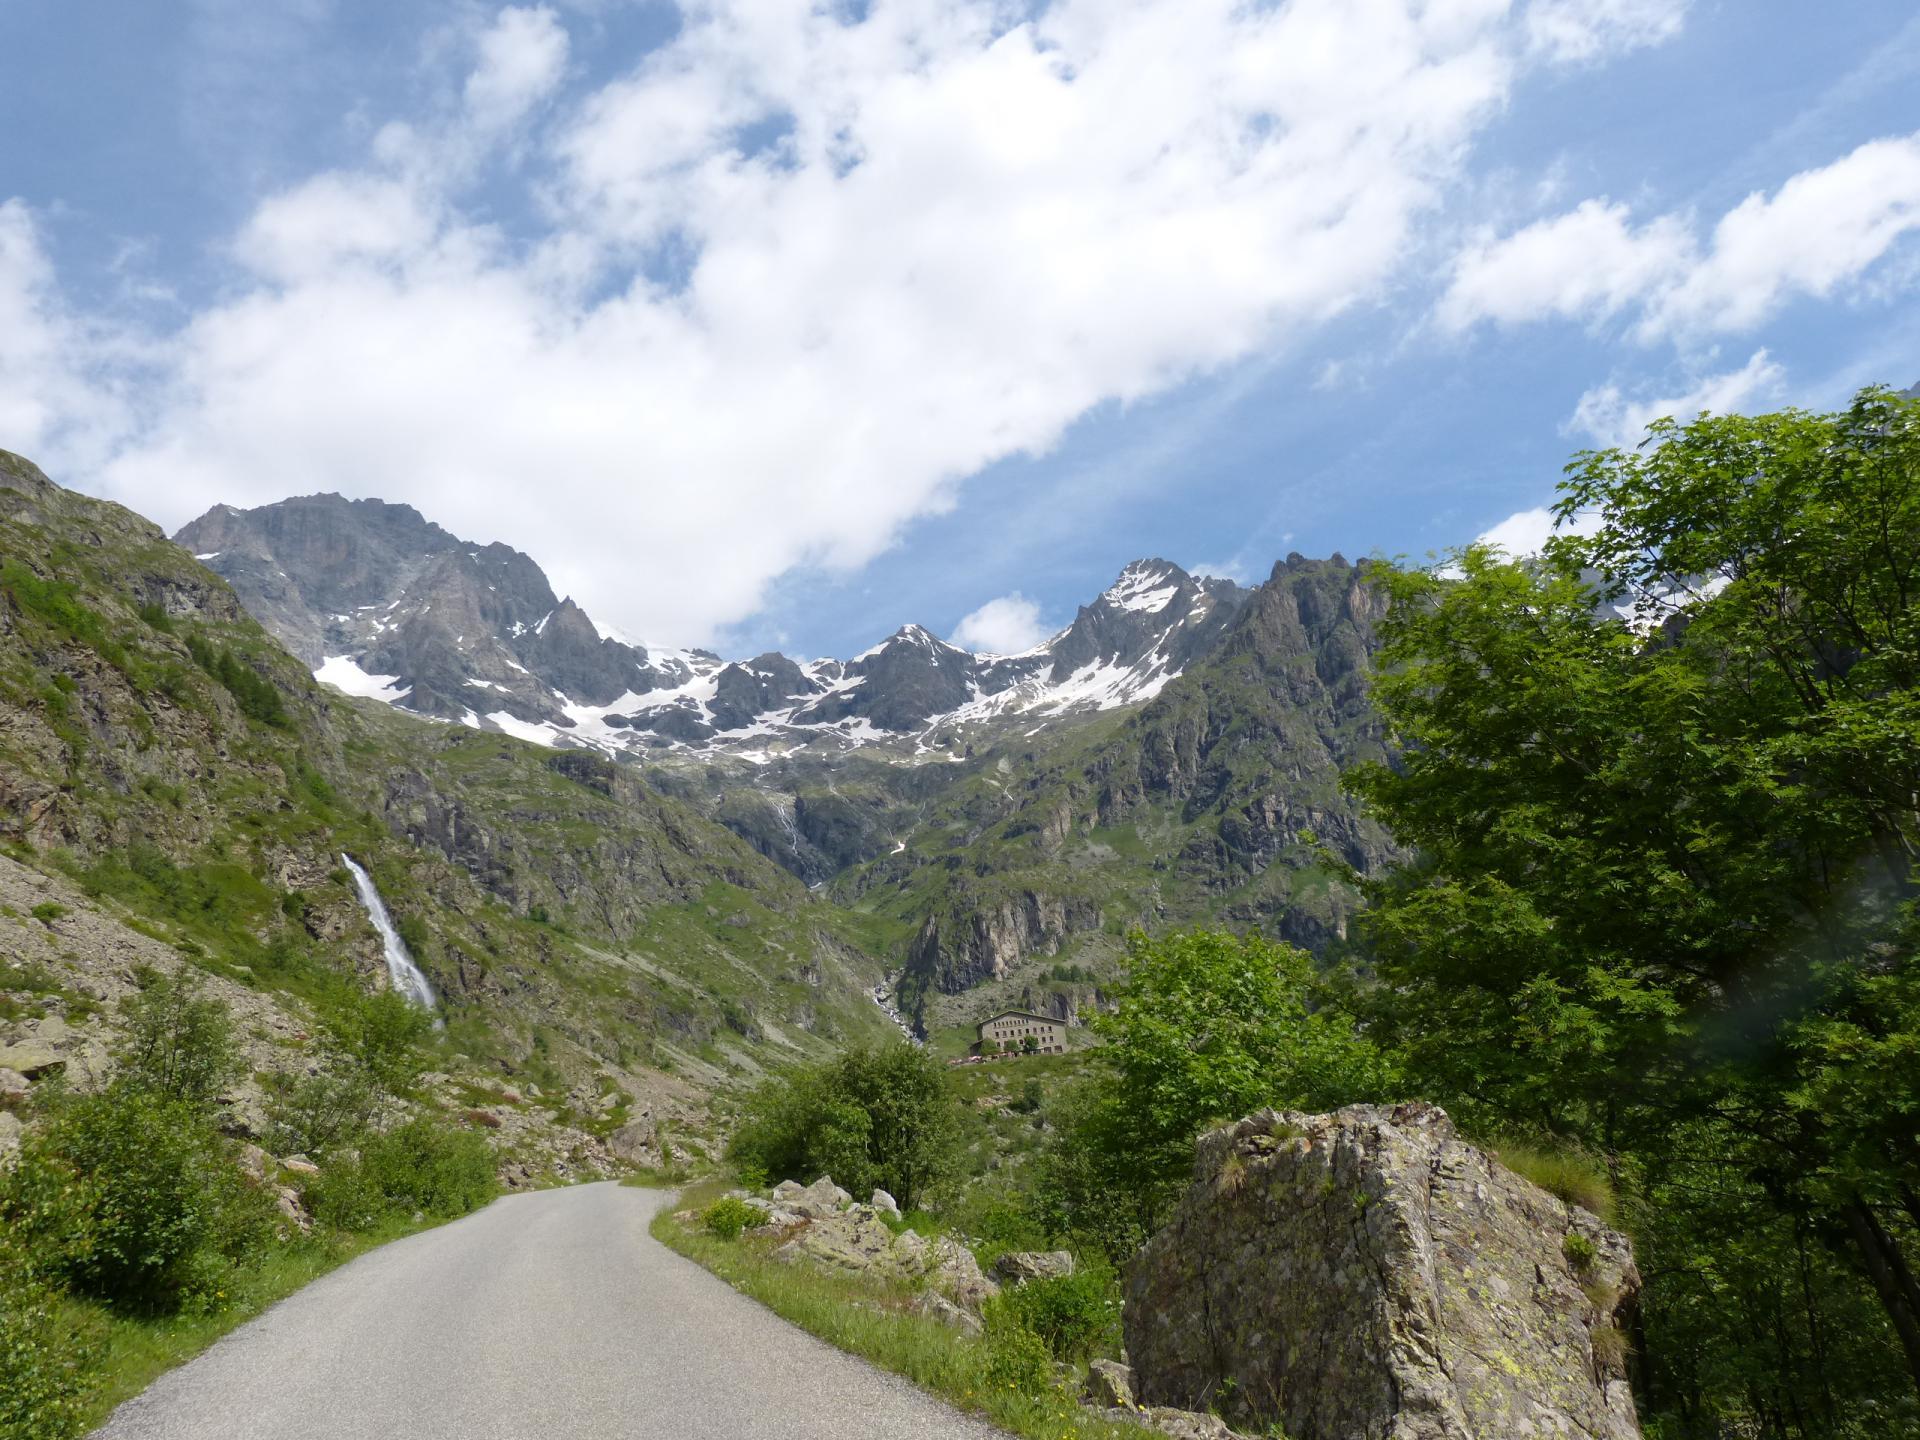 Montée à vélo du Gioberney (Htes Alpes)